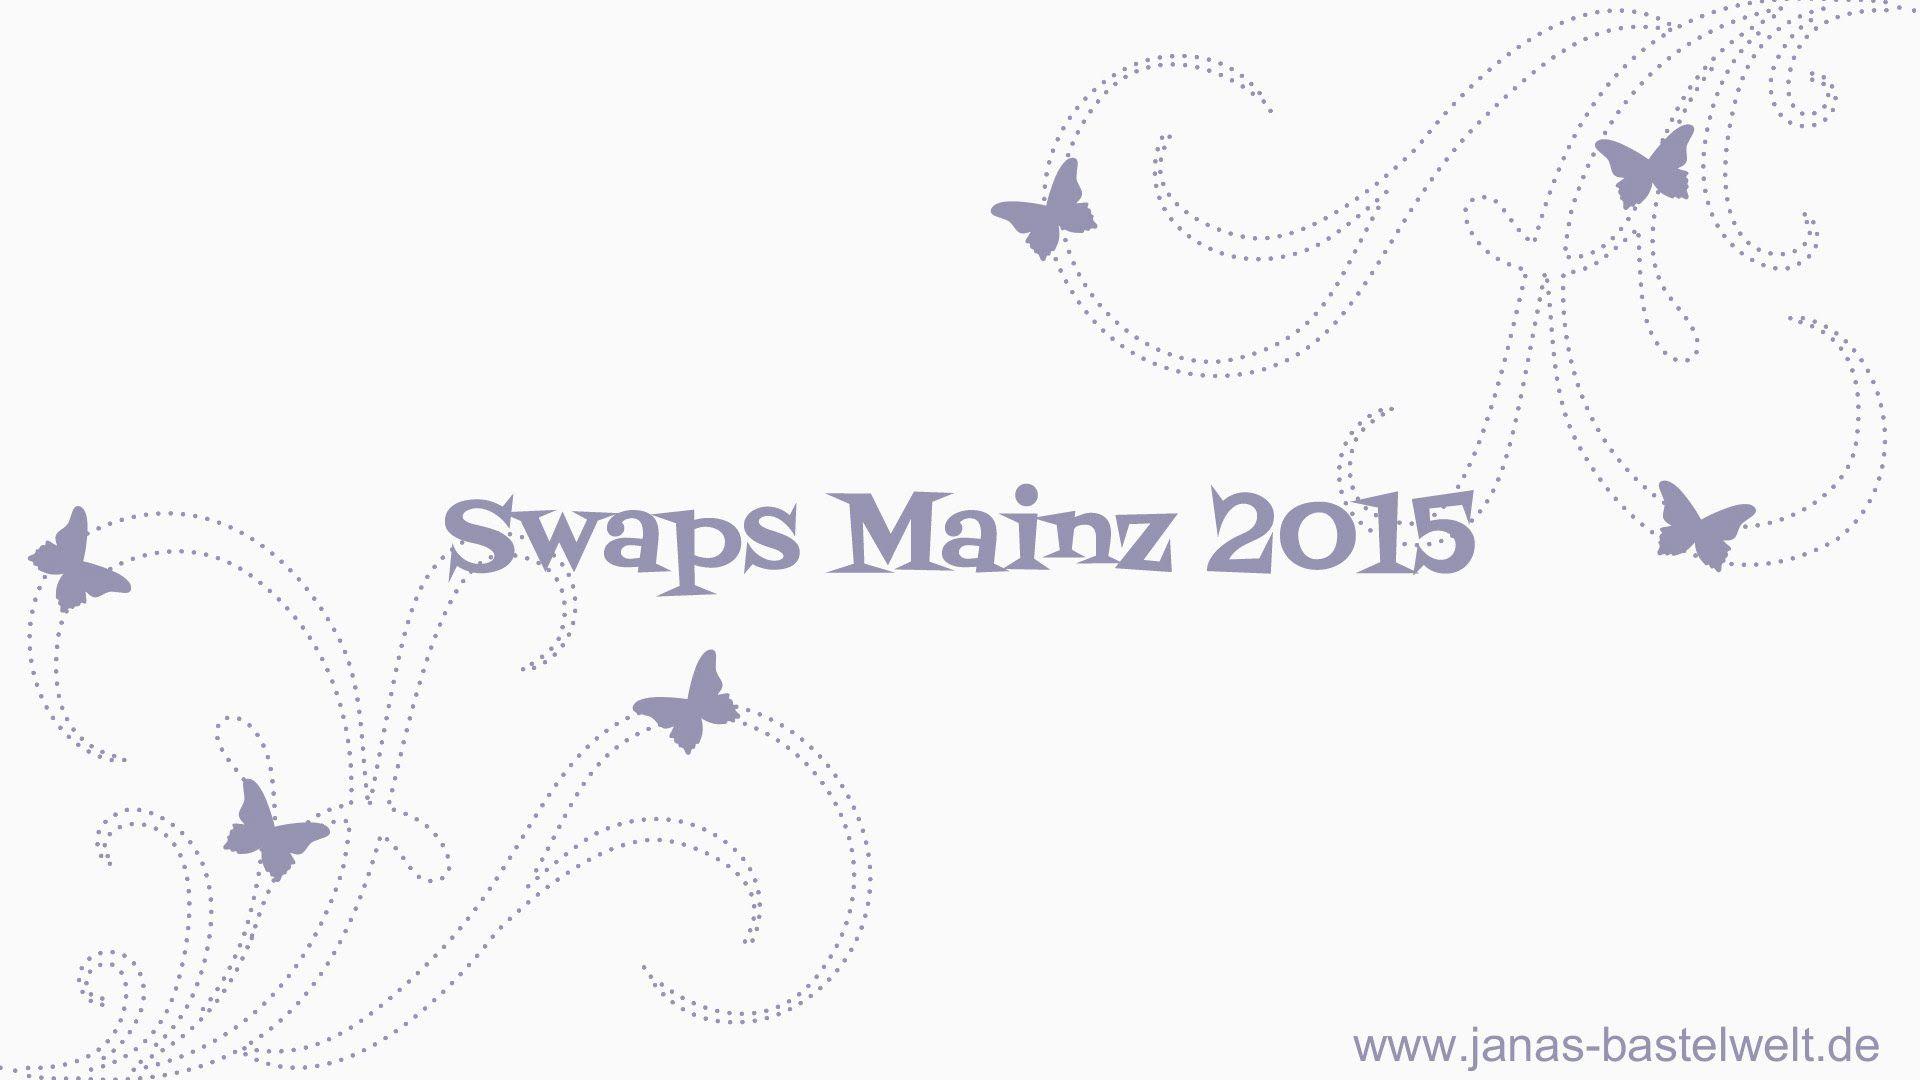 Swaps Demo-Treffen Mainz 2015